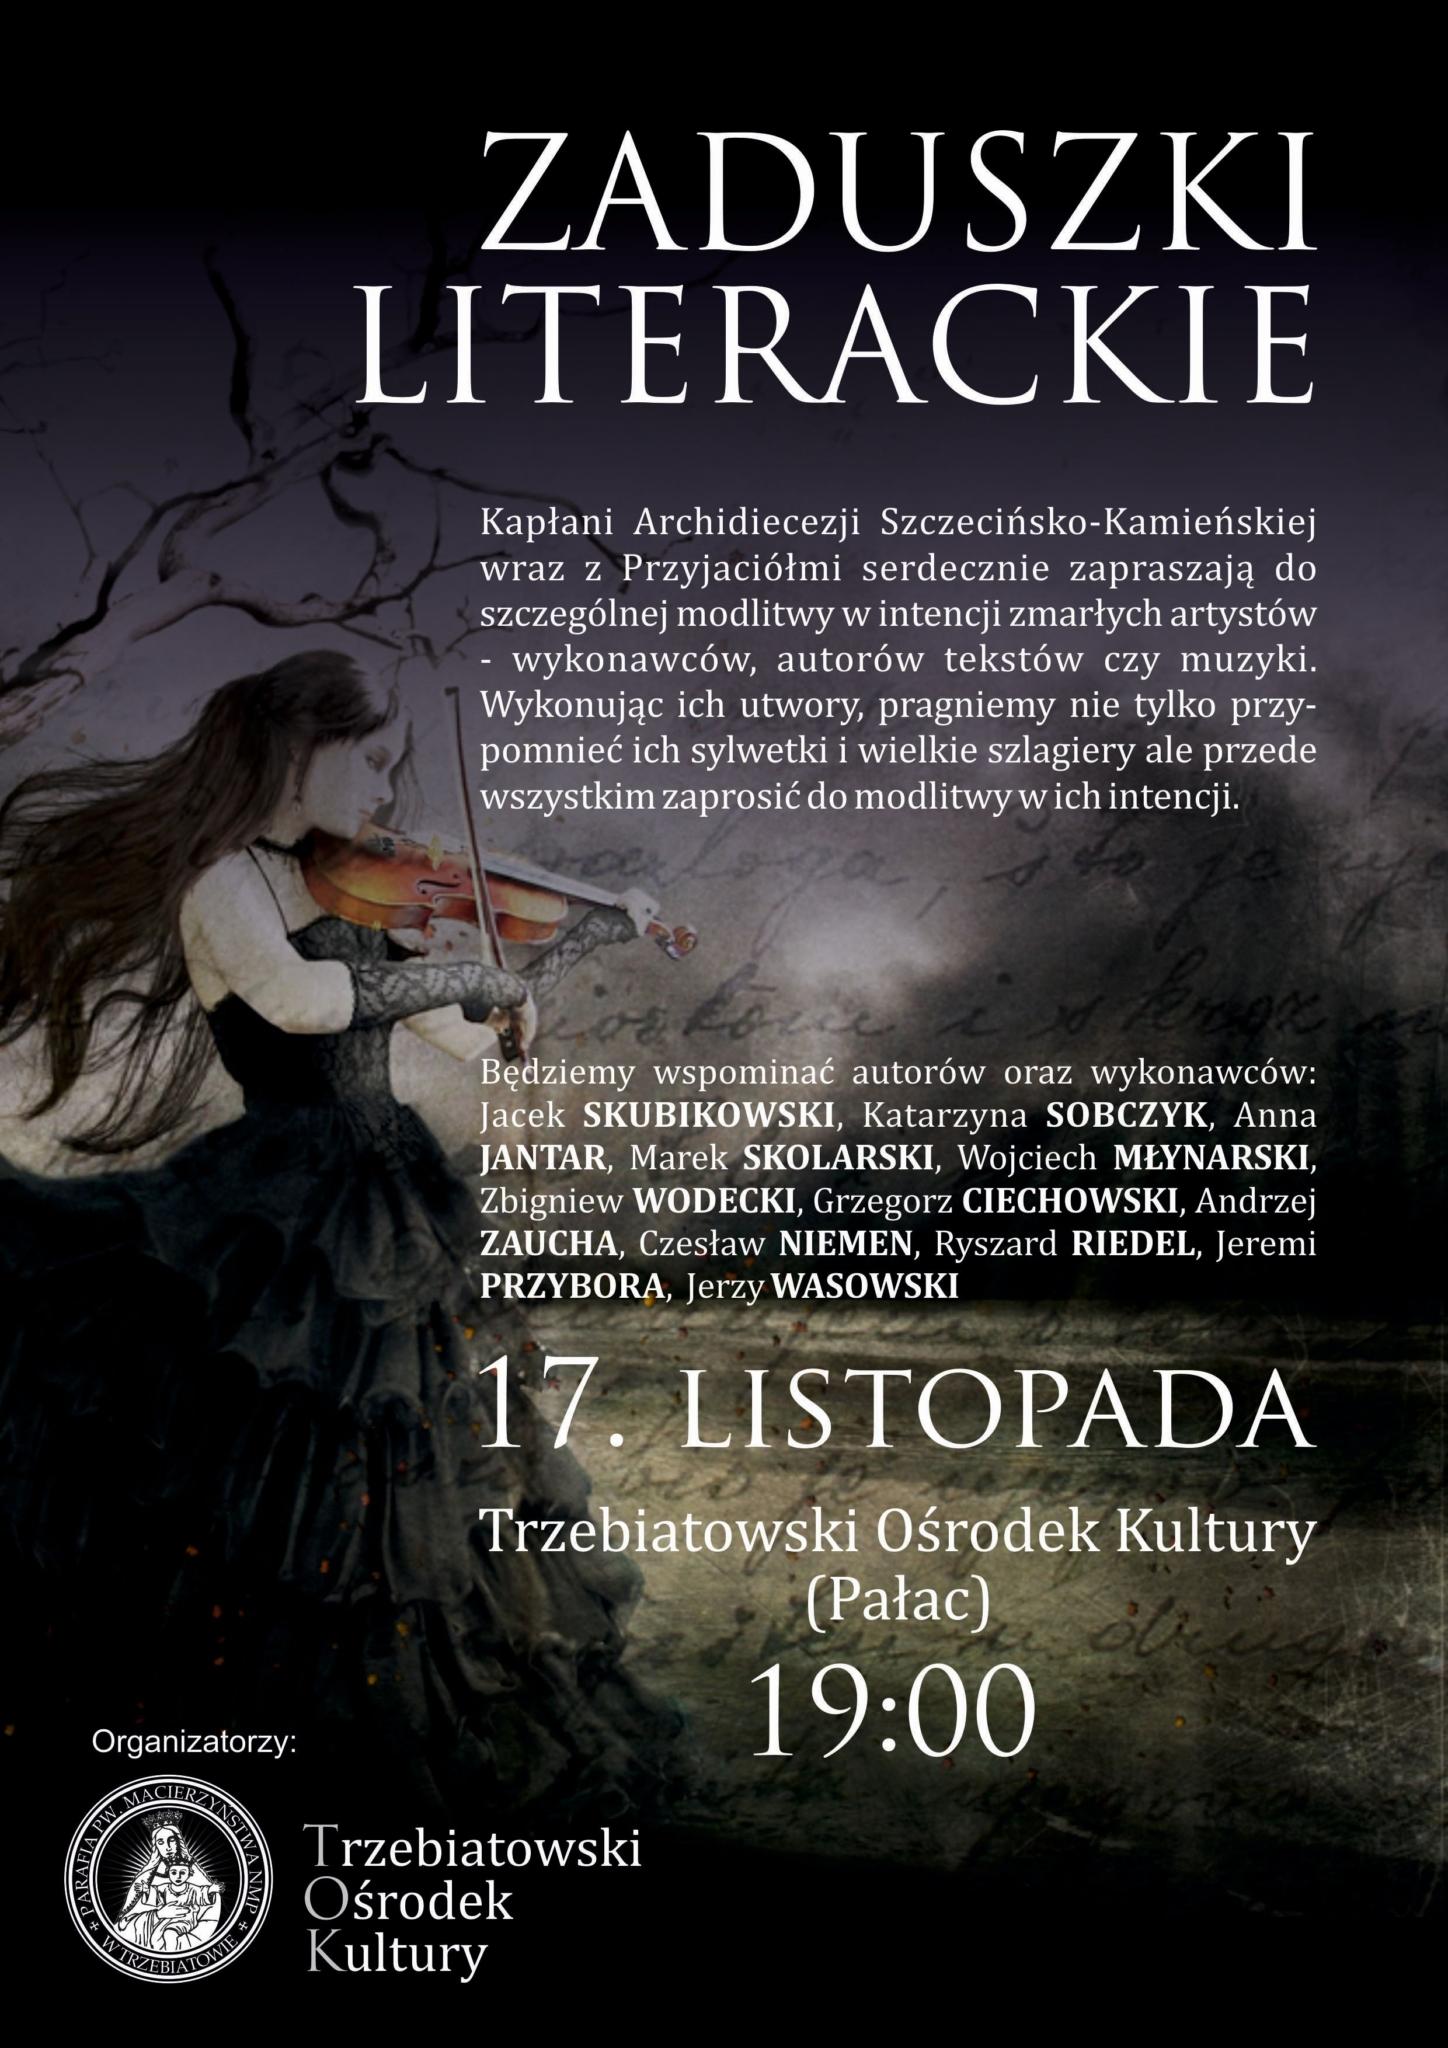 Zaduszki Literackie 2017